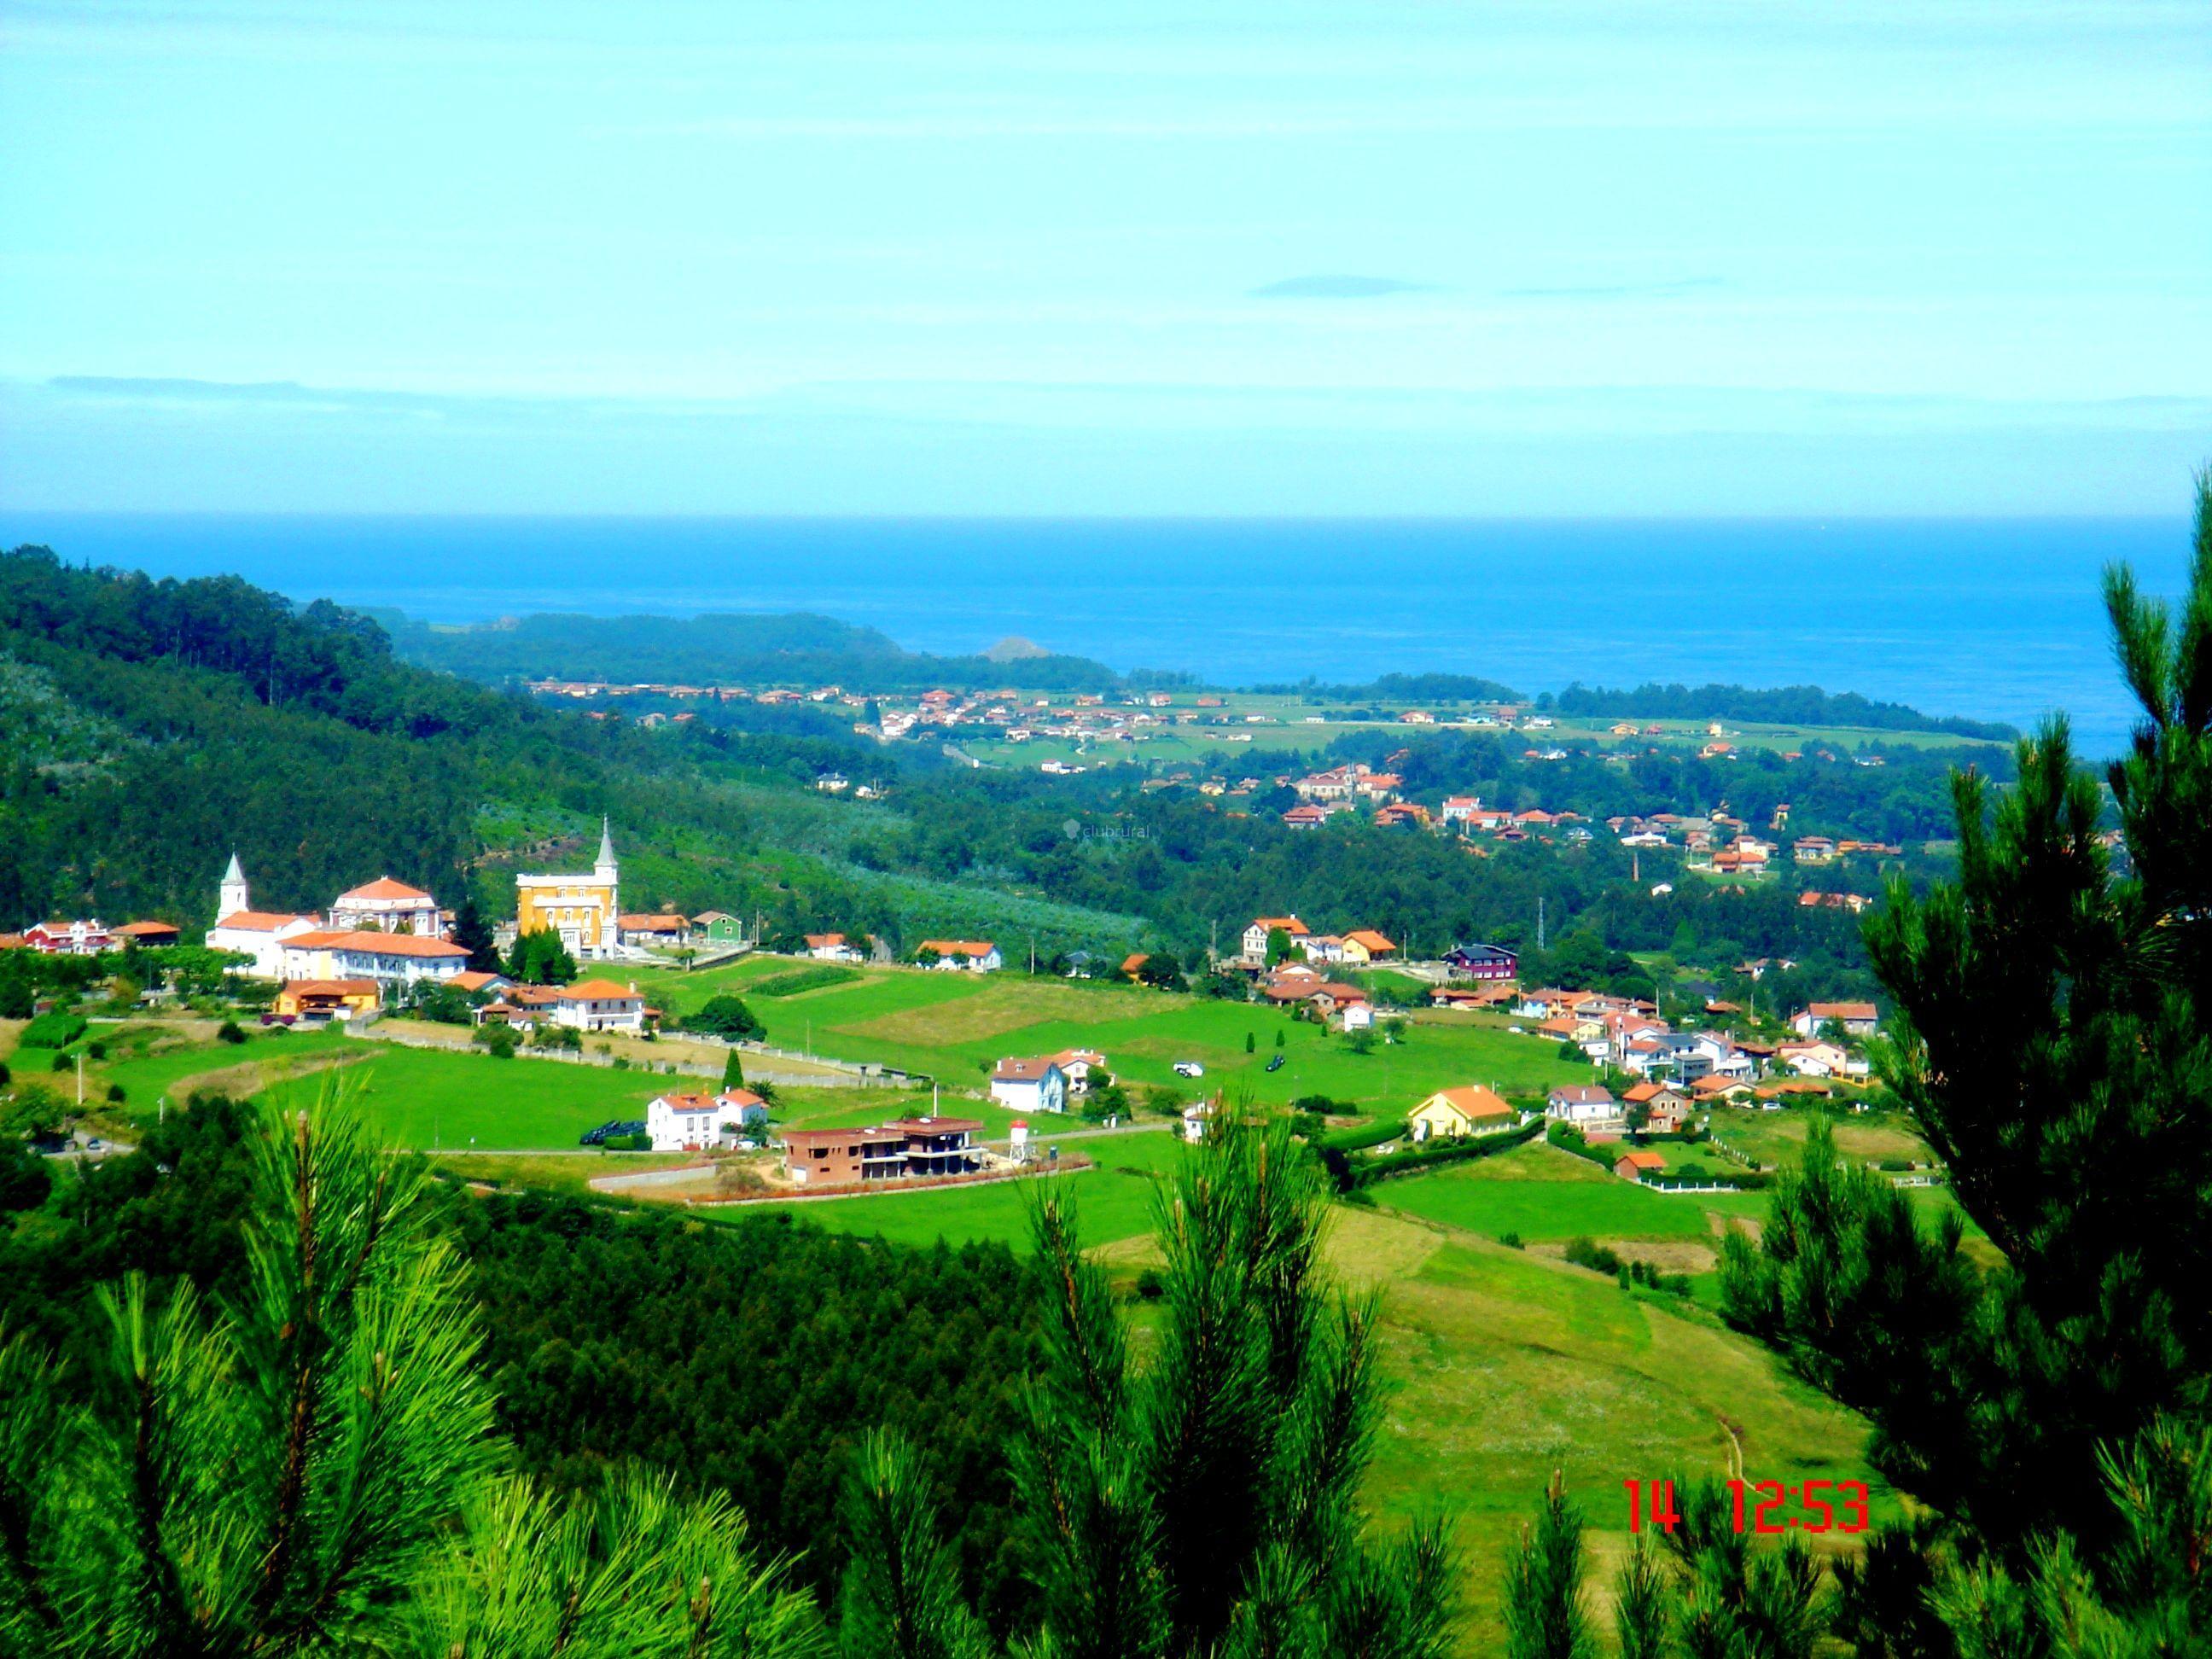 Fotos de el pajar de somao asturias pravia clubrural - Fotorural asturias ...